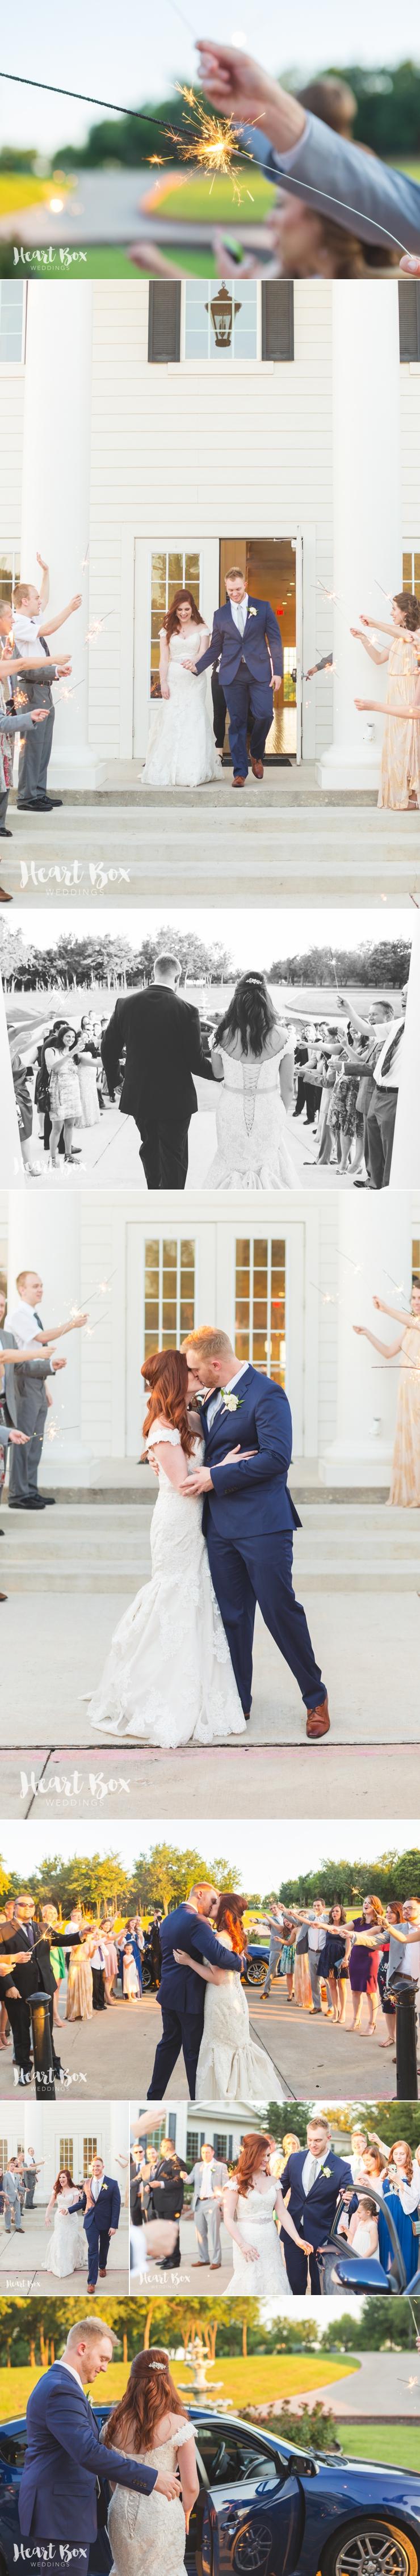 Muprhey Wedding Blog Collages 26.jpg